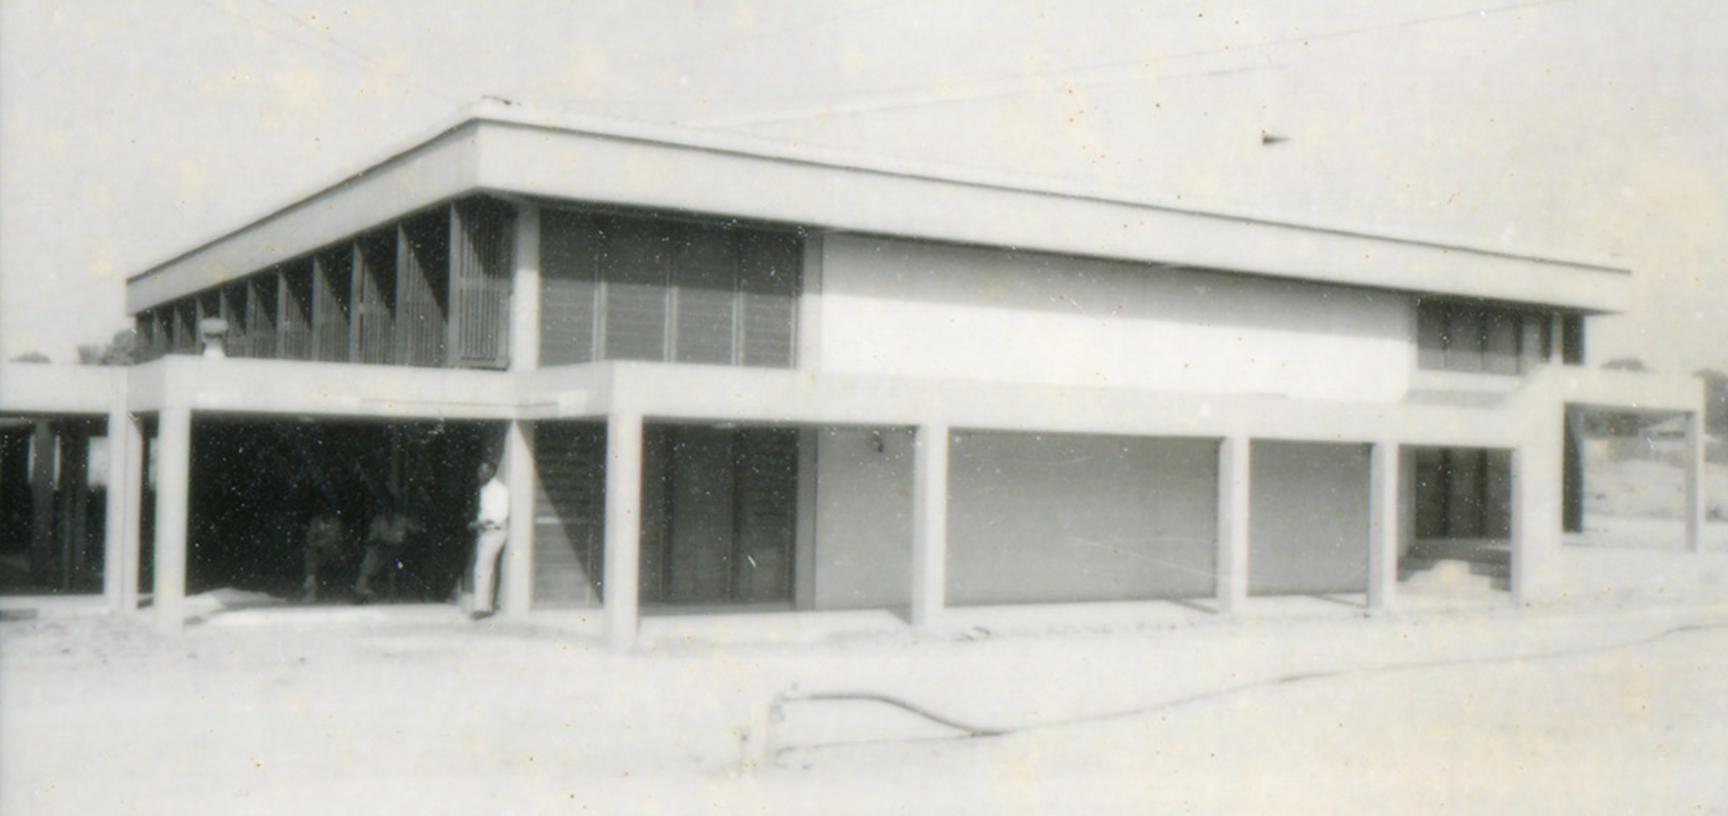 Ethnographic Museum of Guinea-Bissau. (Copyright Ethnographic Museum of Guinea-Bissau)